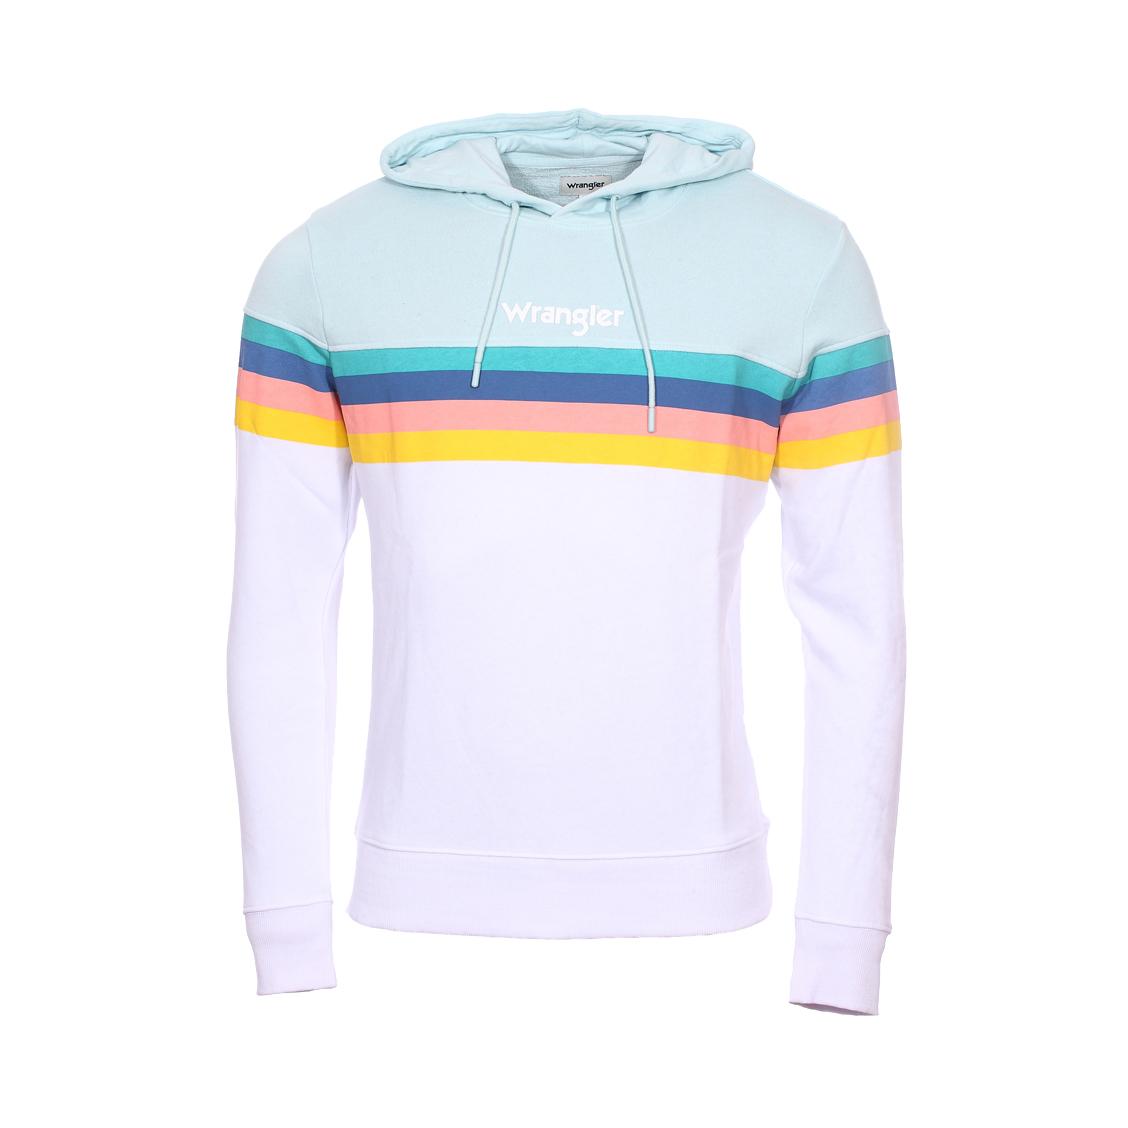 Sweat à capuche  rainbow en coton blanc et bleu à multi couleurs contrastantes